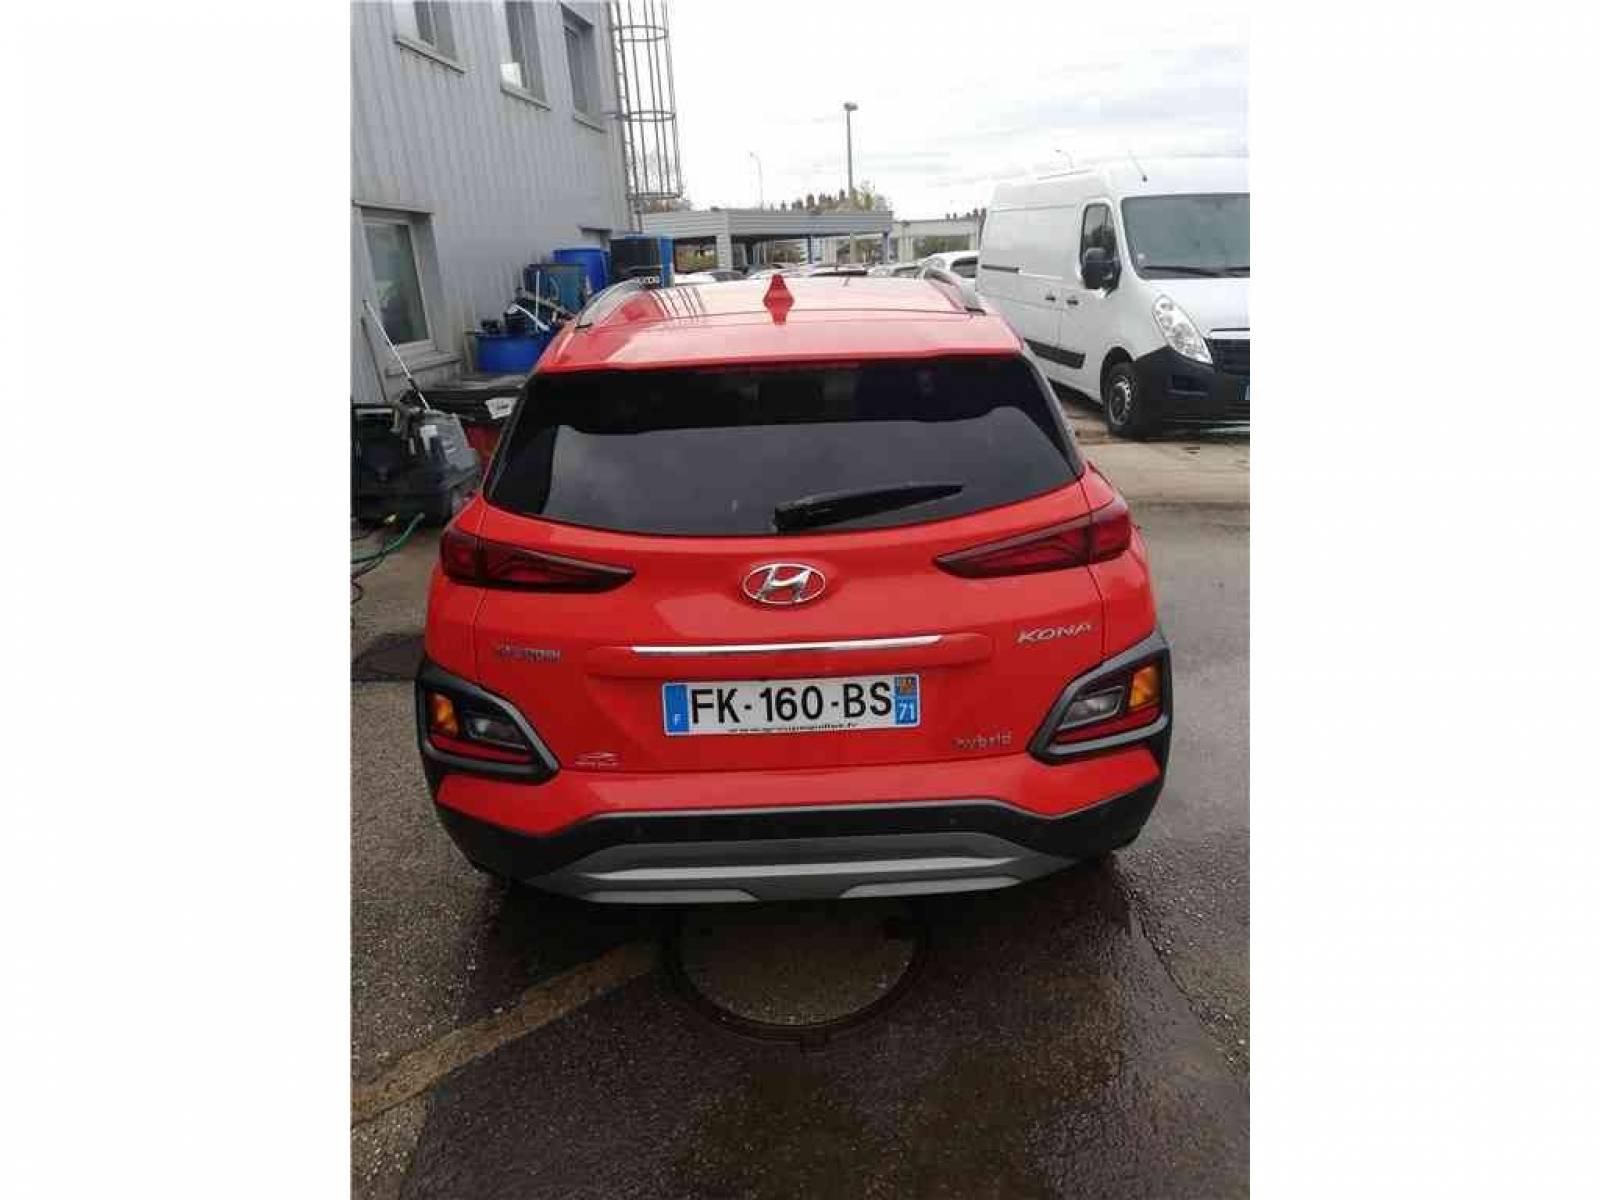 HYUNDAI Kona 1.6 GDi Hybrid - véhicule d'occasion - Groupe Guillet - Chalon Automobiles - 71100 - Chalon-sur-Saône - 7